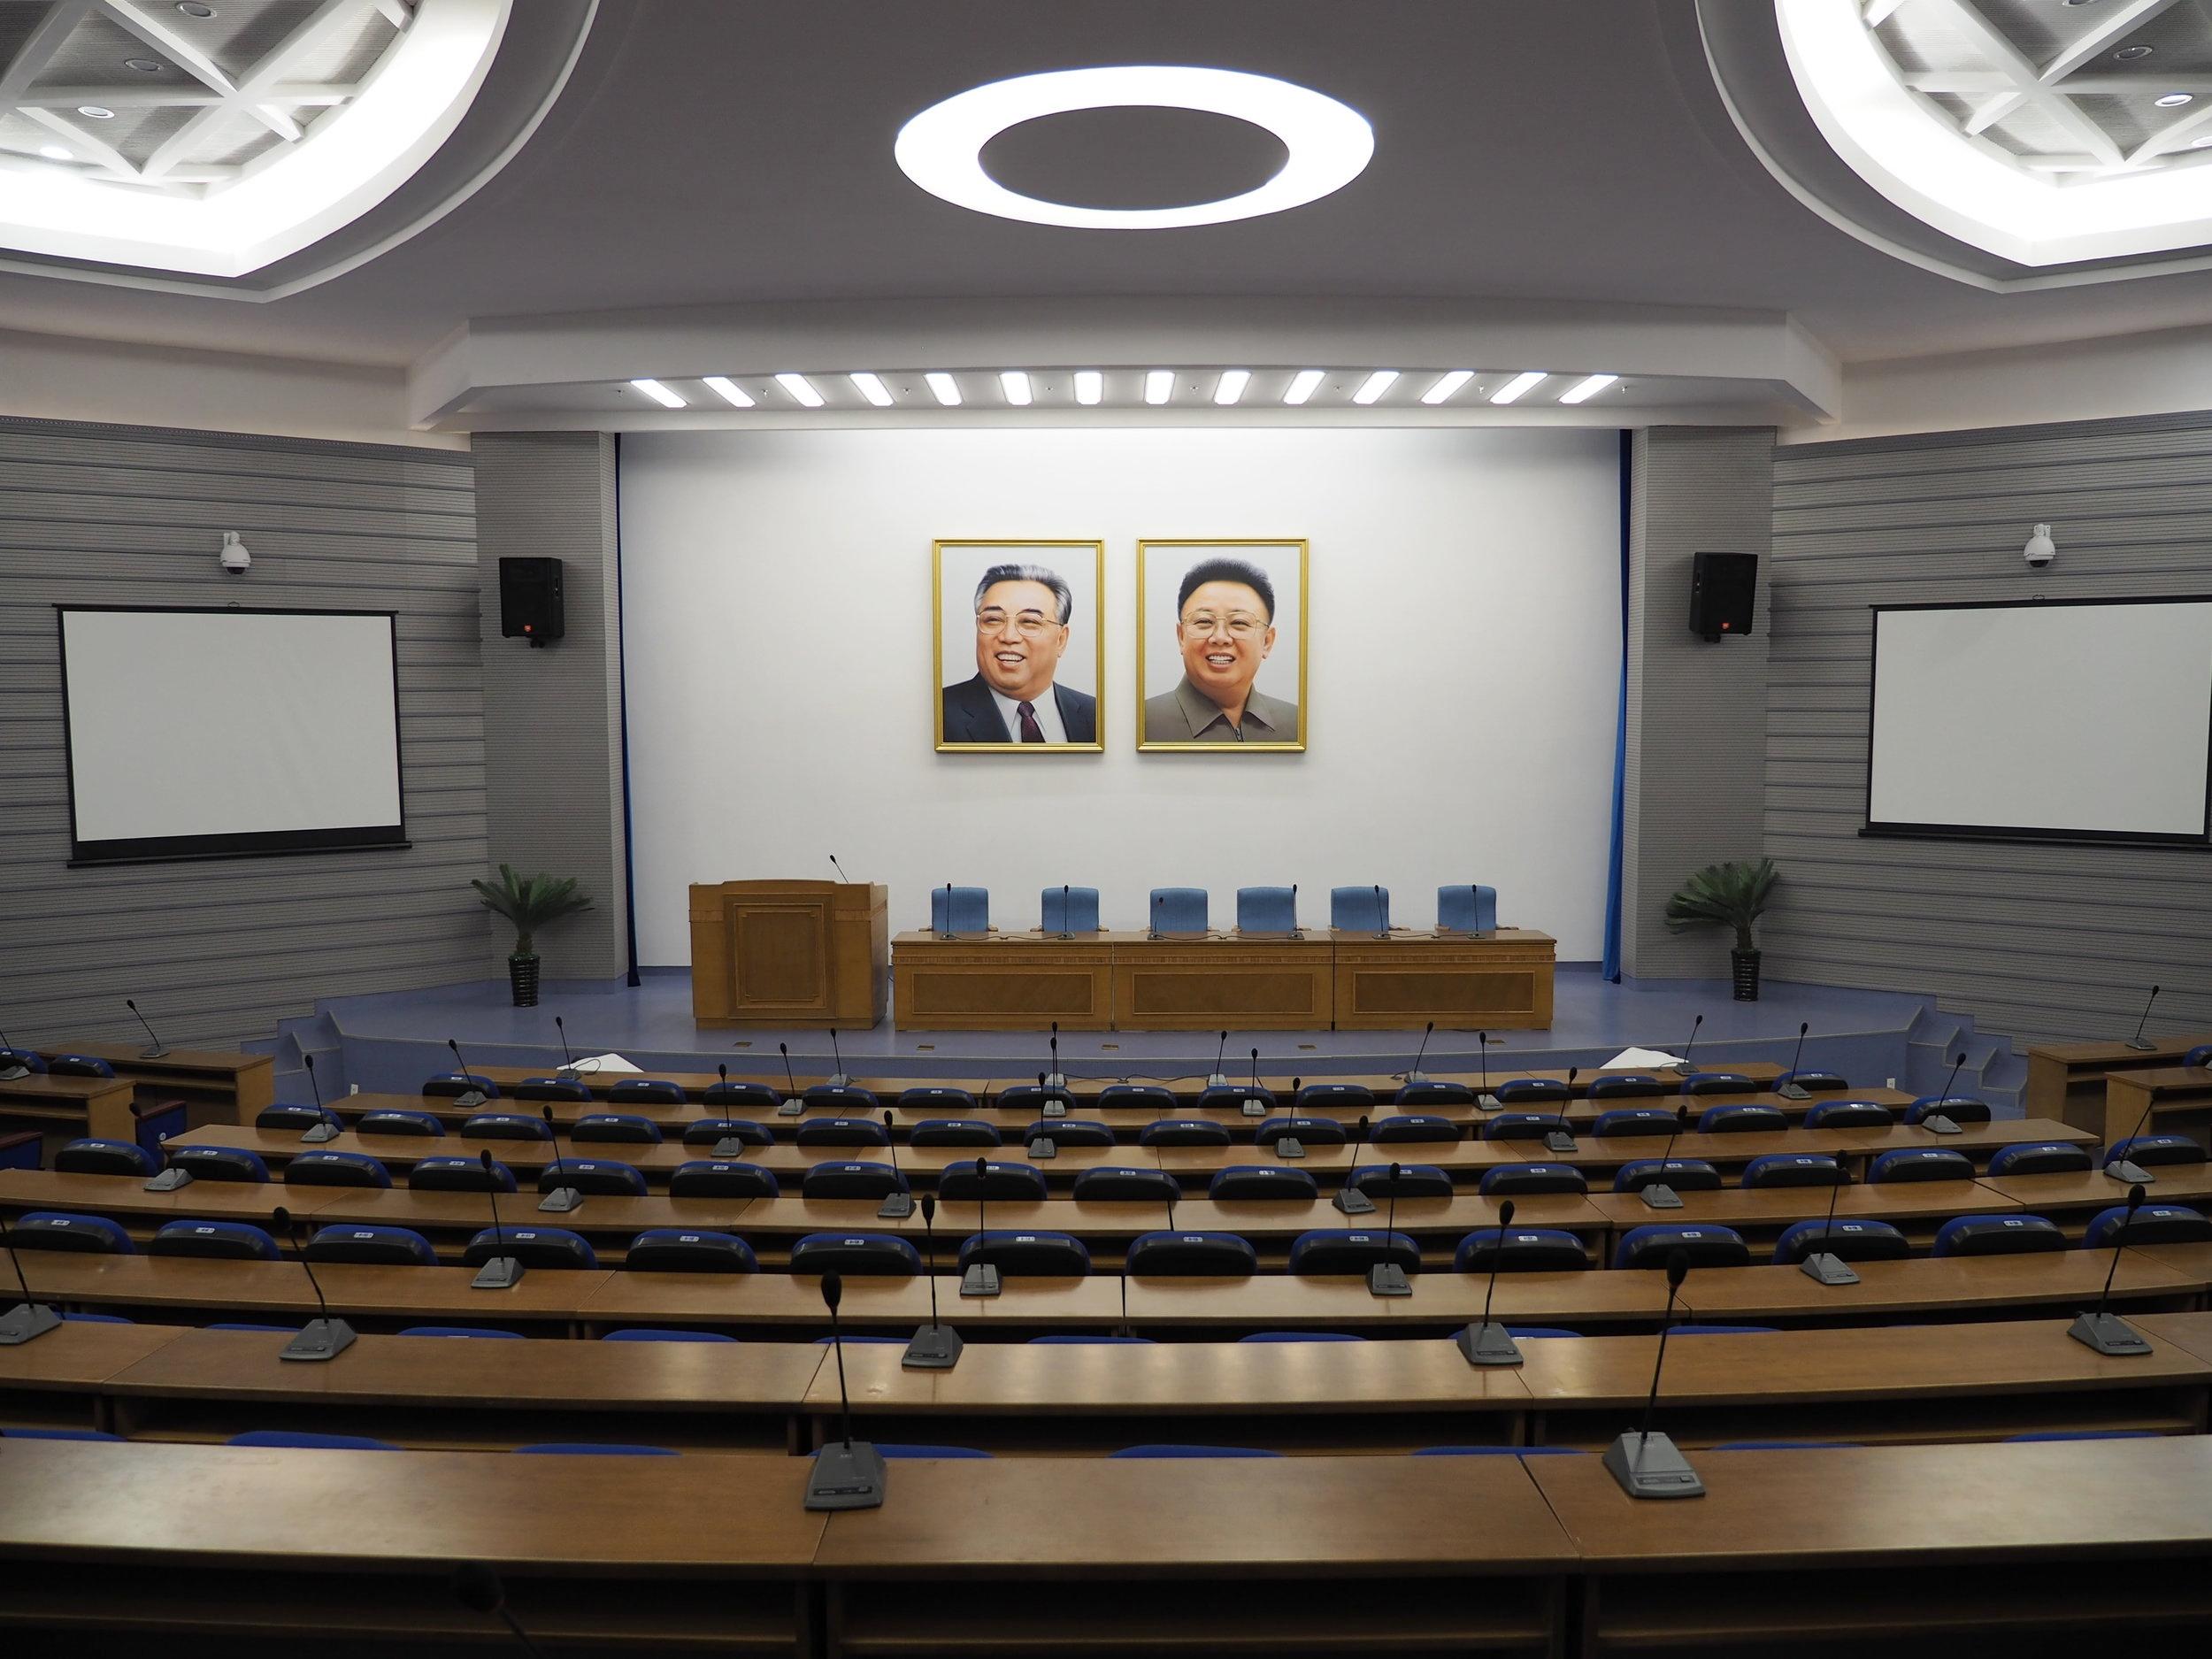 Auditorium for scientific forums